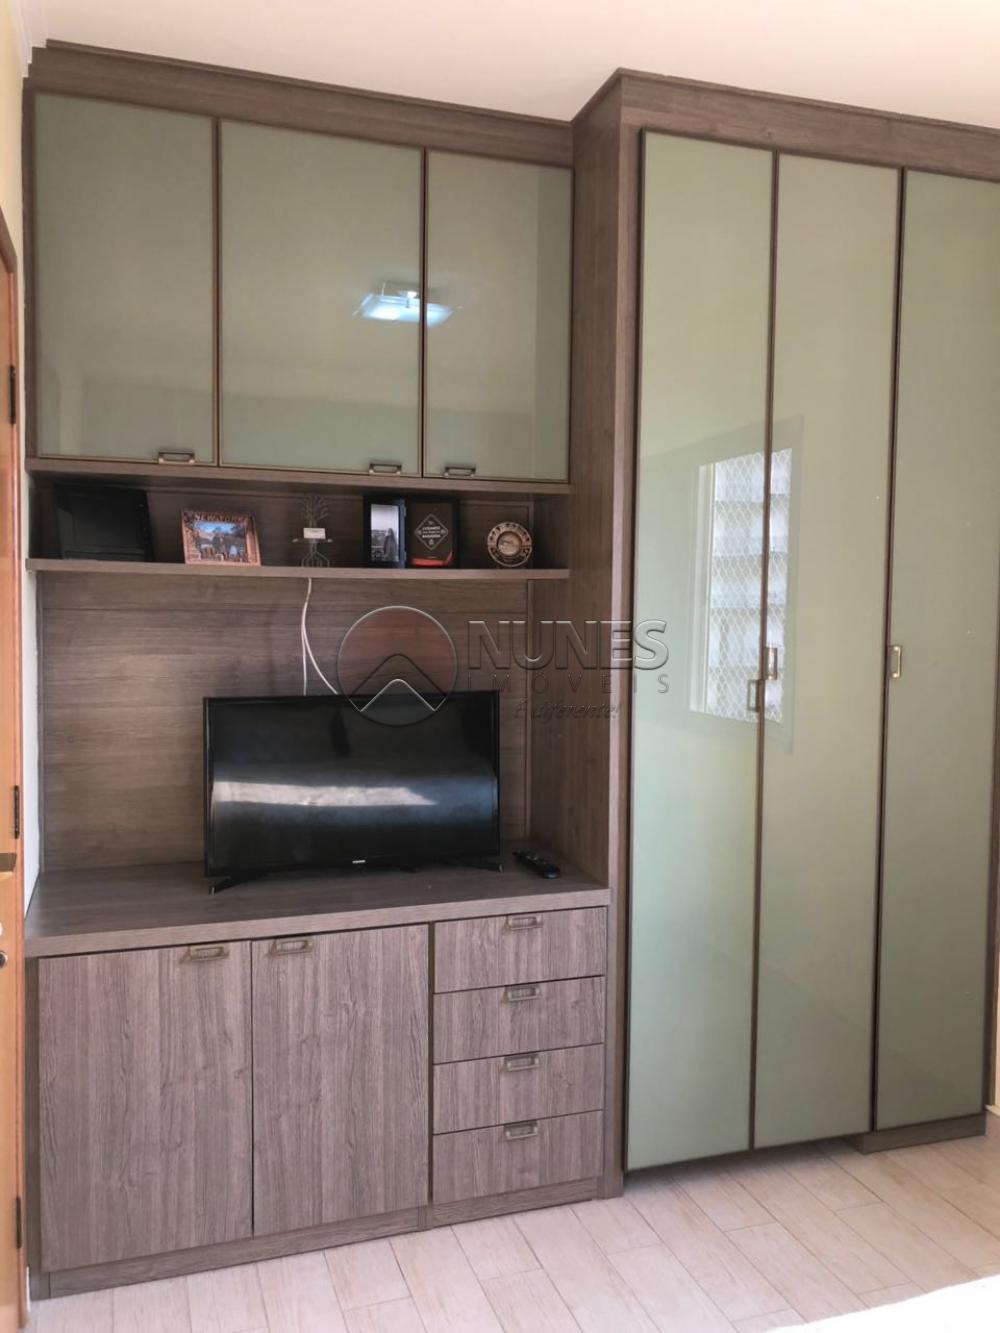 Comprar Apartamento / Padrão em Osasco apenas R$ 360.000,00 - Foto 19